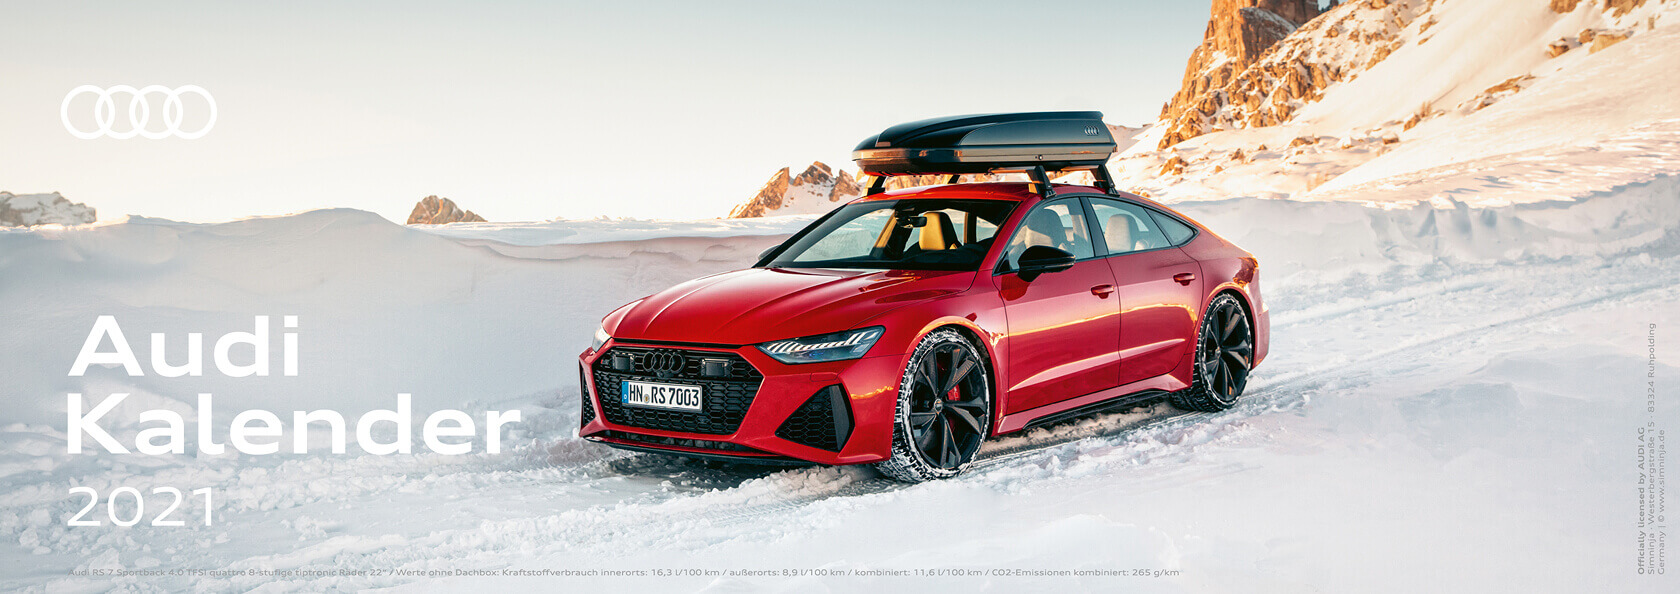 Audi Tischkalender 2021 - DIN A5 lang / Audi RS7 Sportback